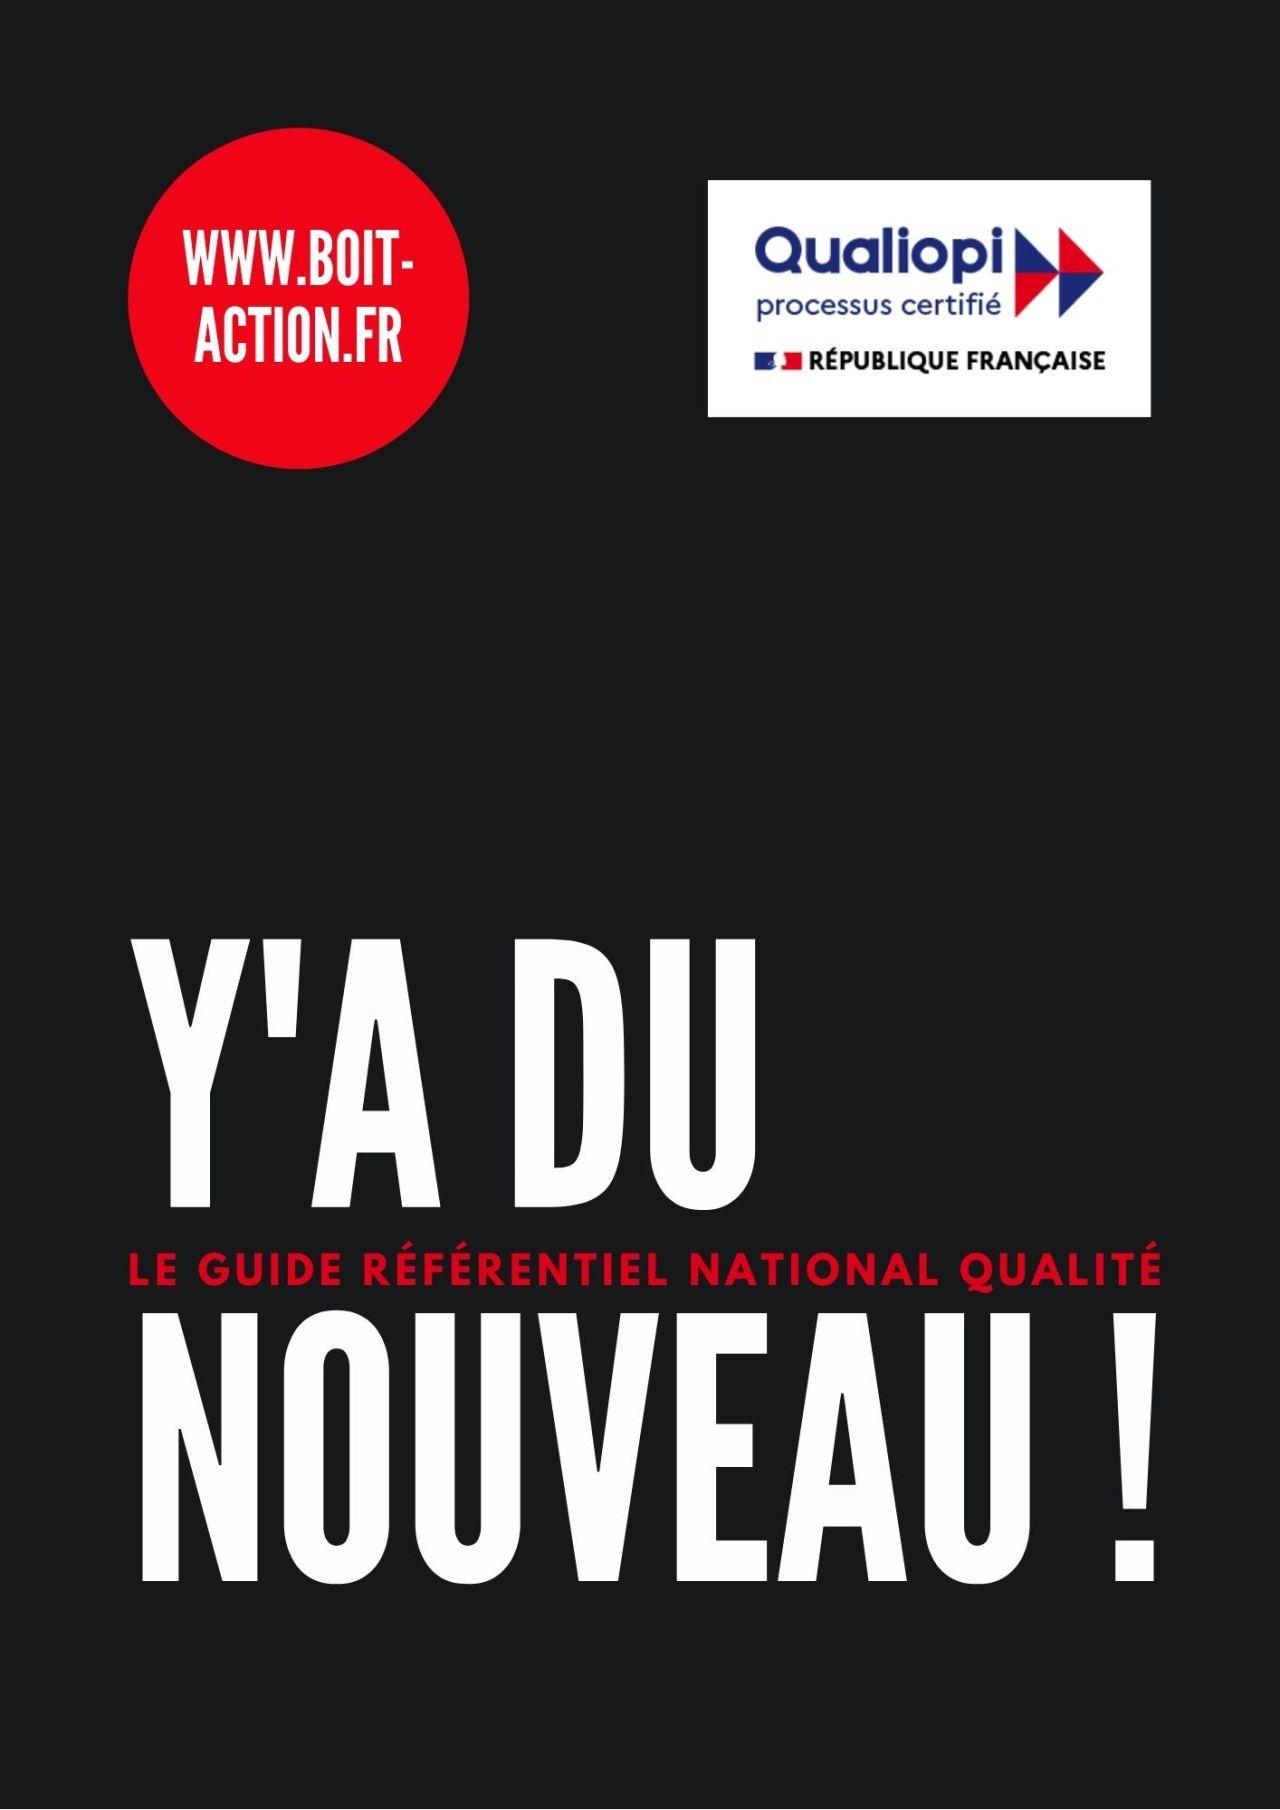 Un Nouveau Guide Référentiel National De Qualité ?